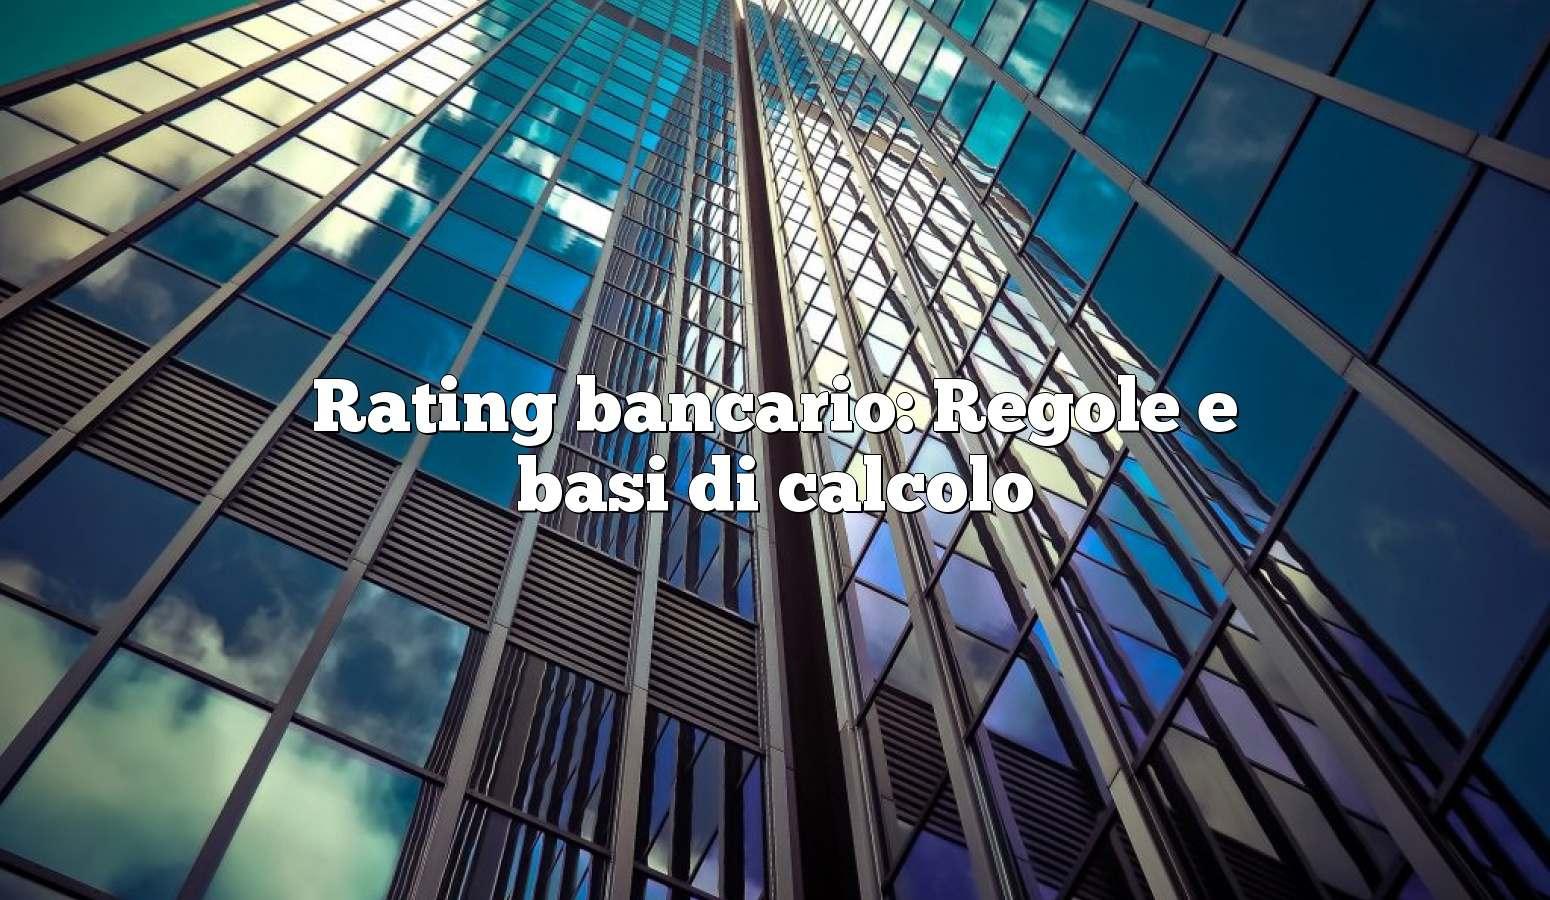 Rating bancario: Regole e basi di calcolo